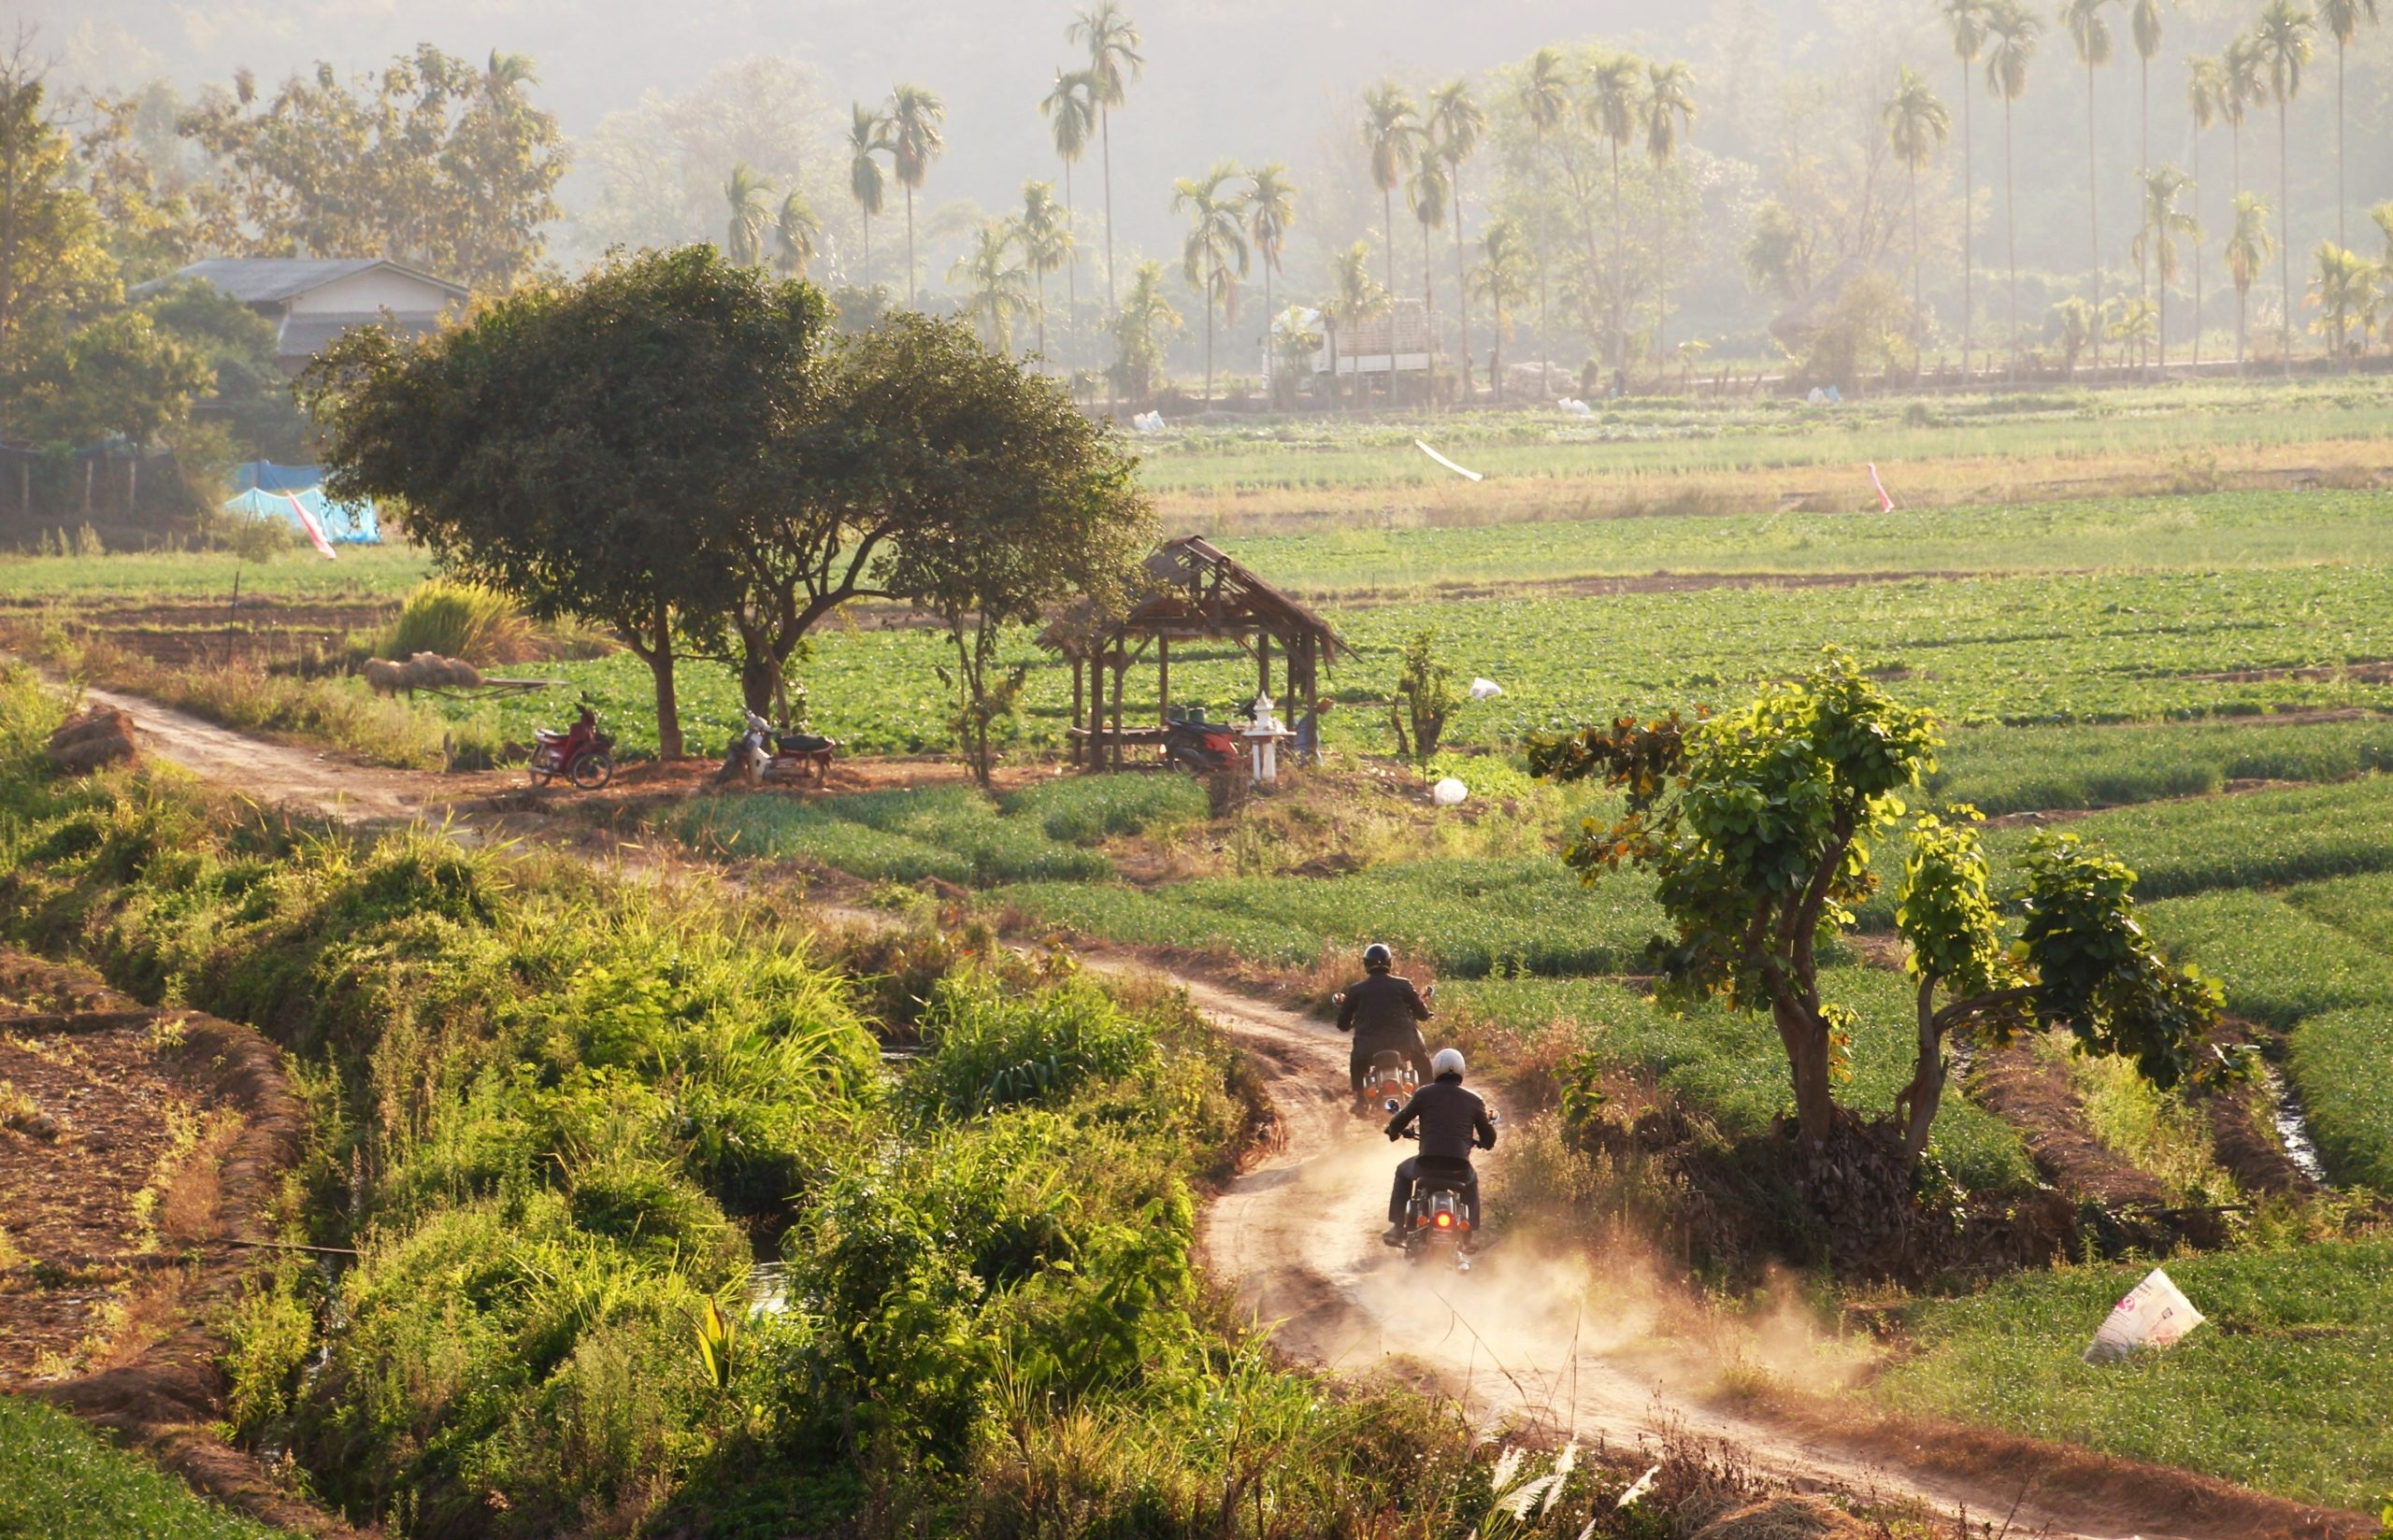 Motorrad-Roadtrip Thailand & Laos - Im hintersten Winkel des Königreichs Siam